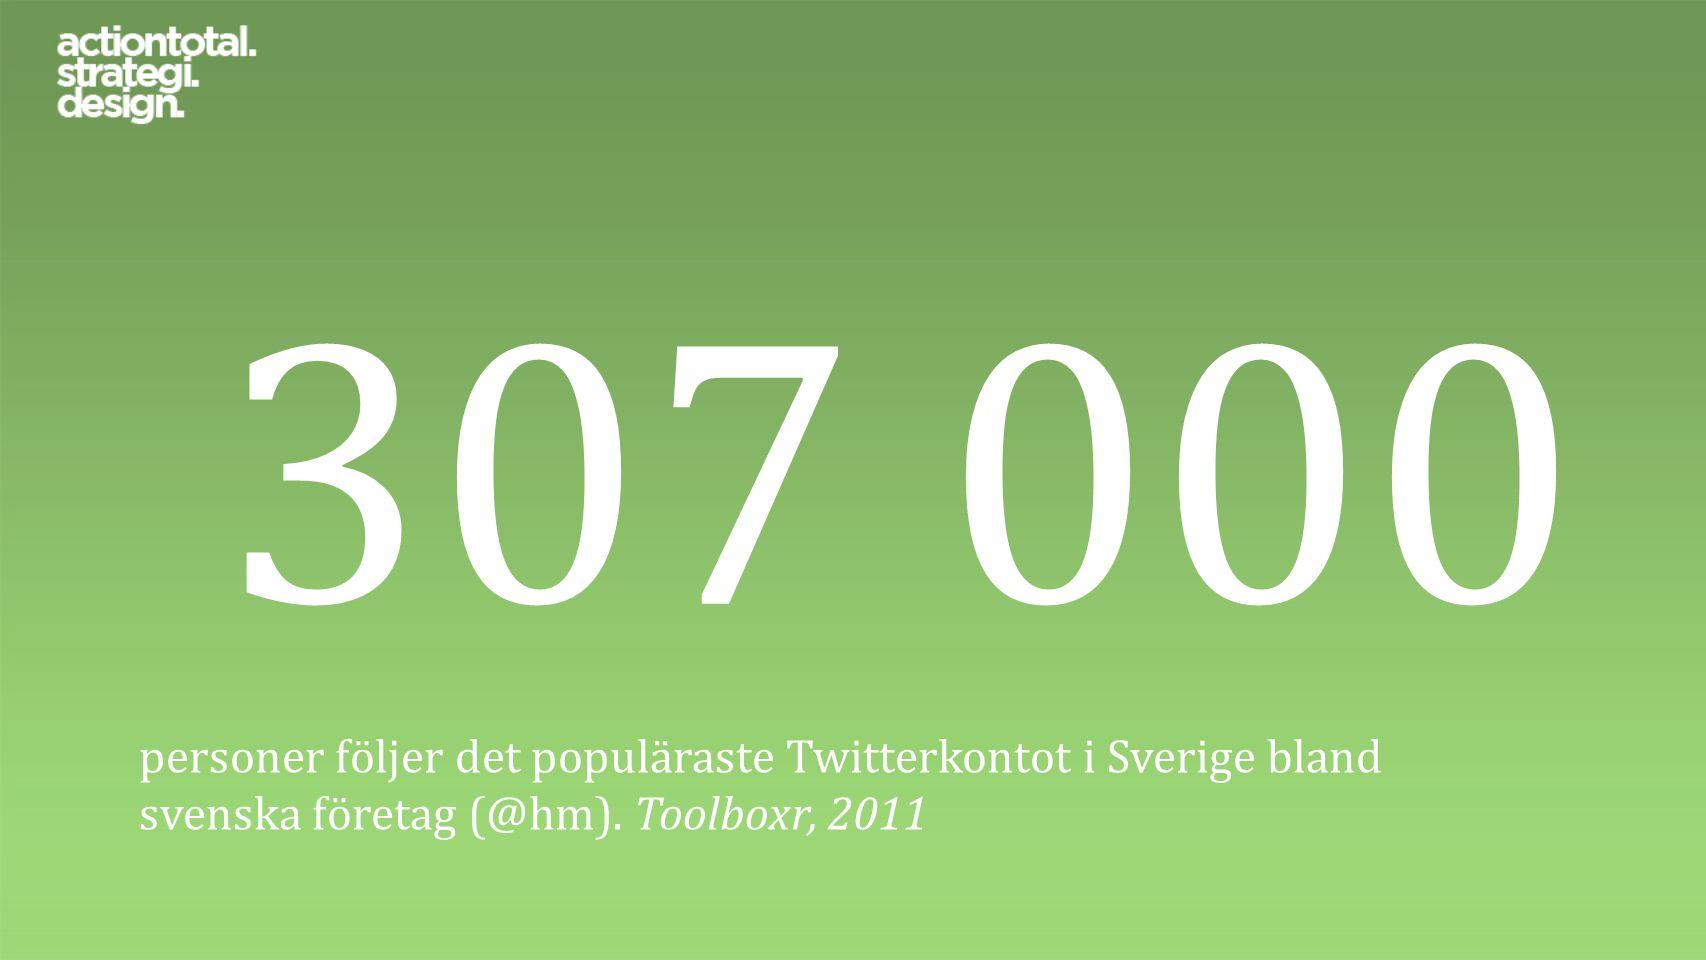 307 000 personer följer det populäraste Twitterkontot i Sverige bland svenska företag (@hm). Toolboxr, 2011